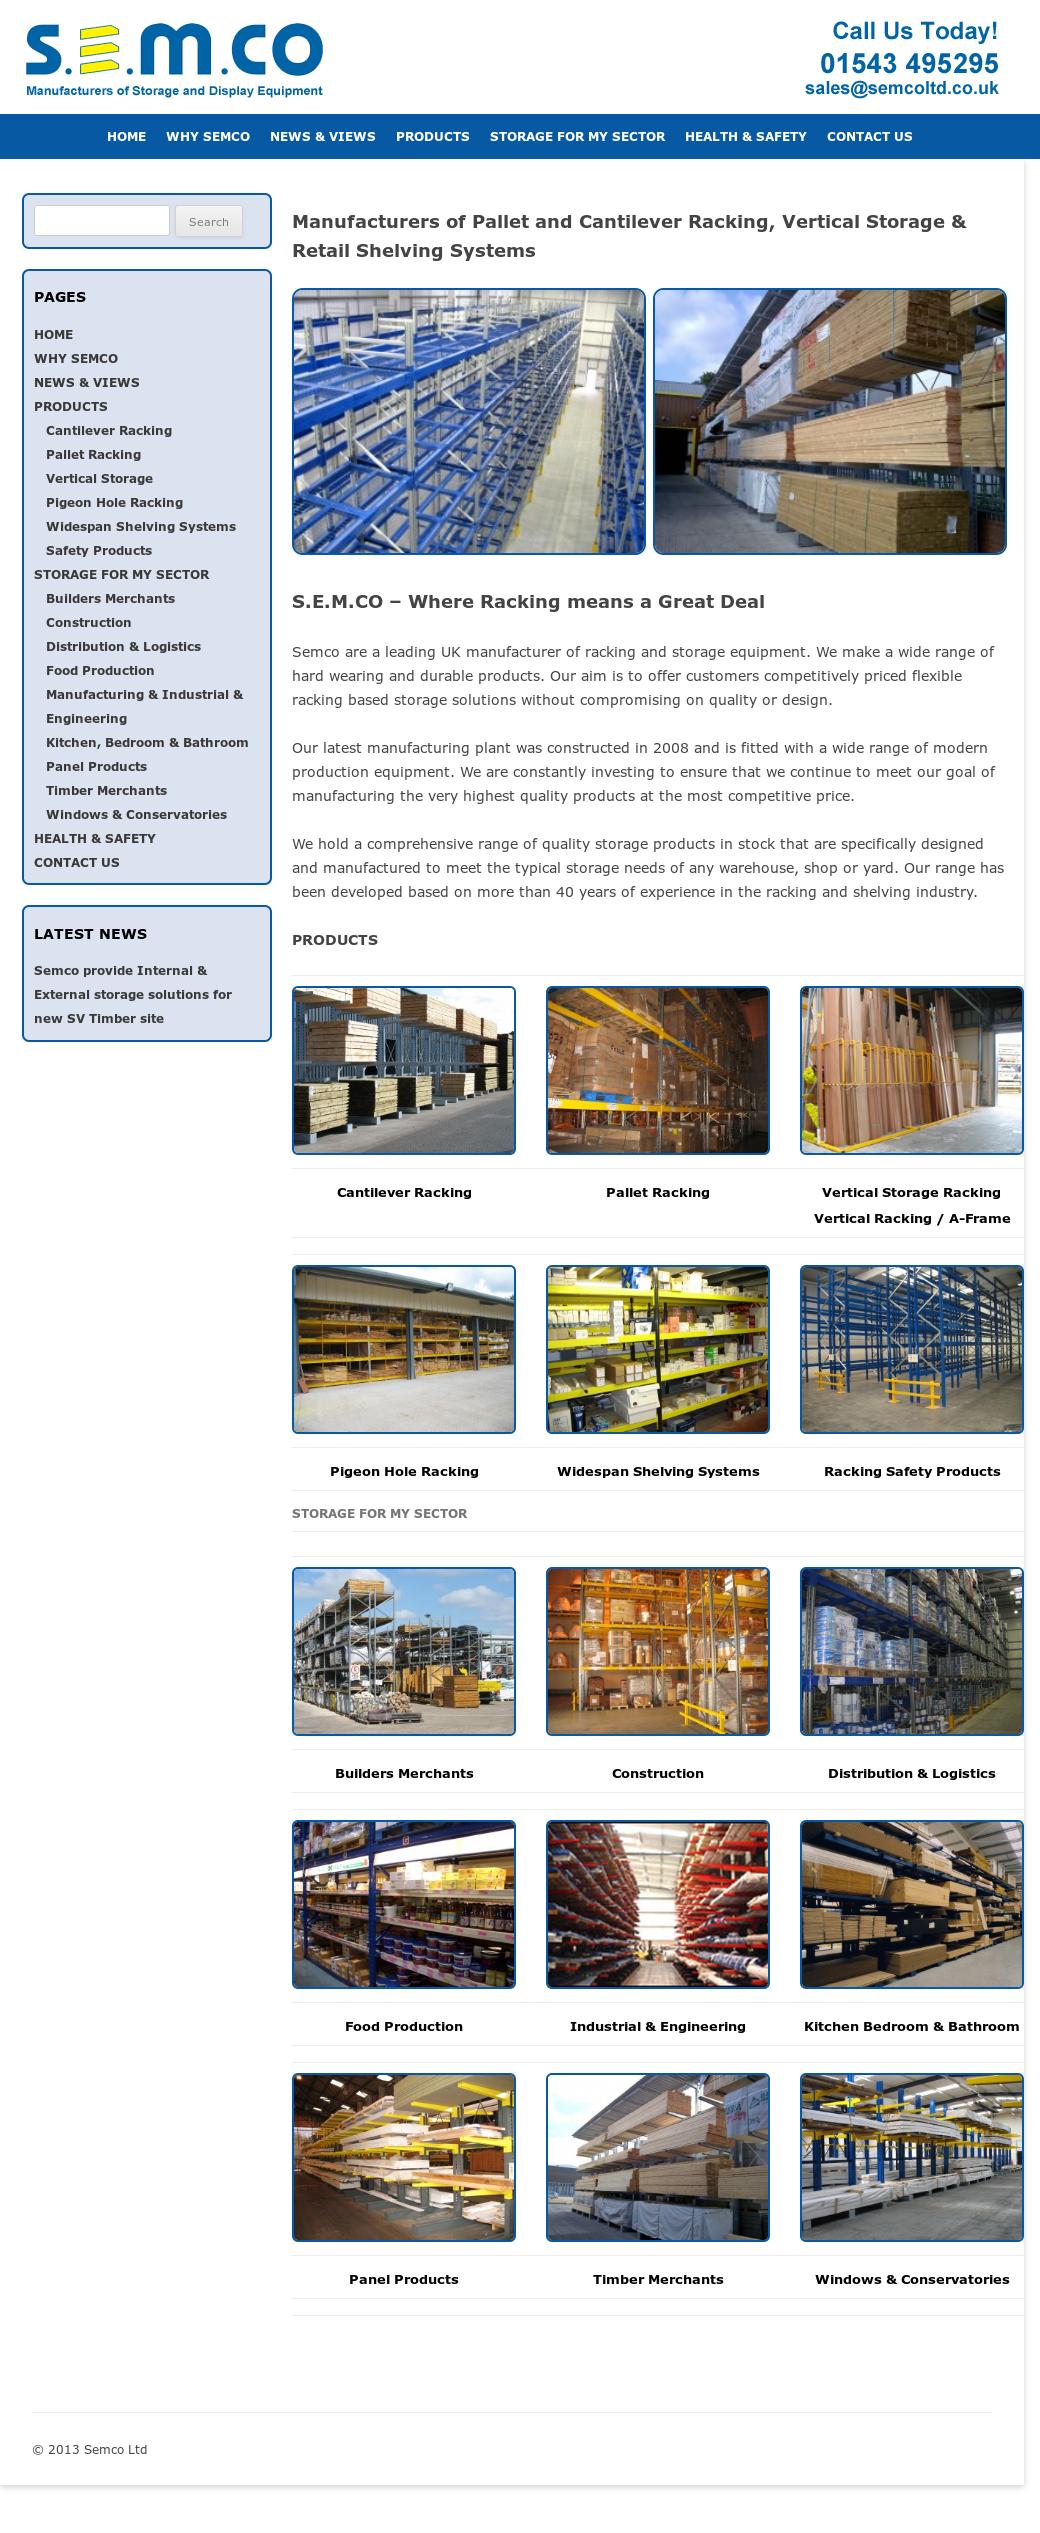 history semco 2003 bravida køber danske semco a/s – prenad 2004 forretningsområderne rendyrkes til el, vvs og ventilation.